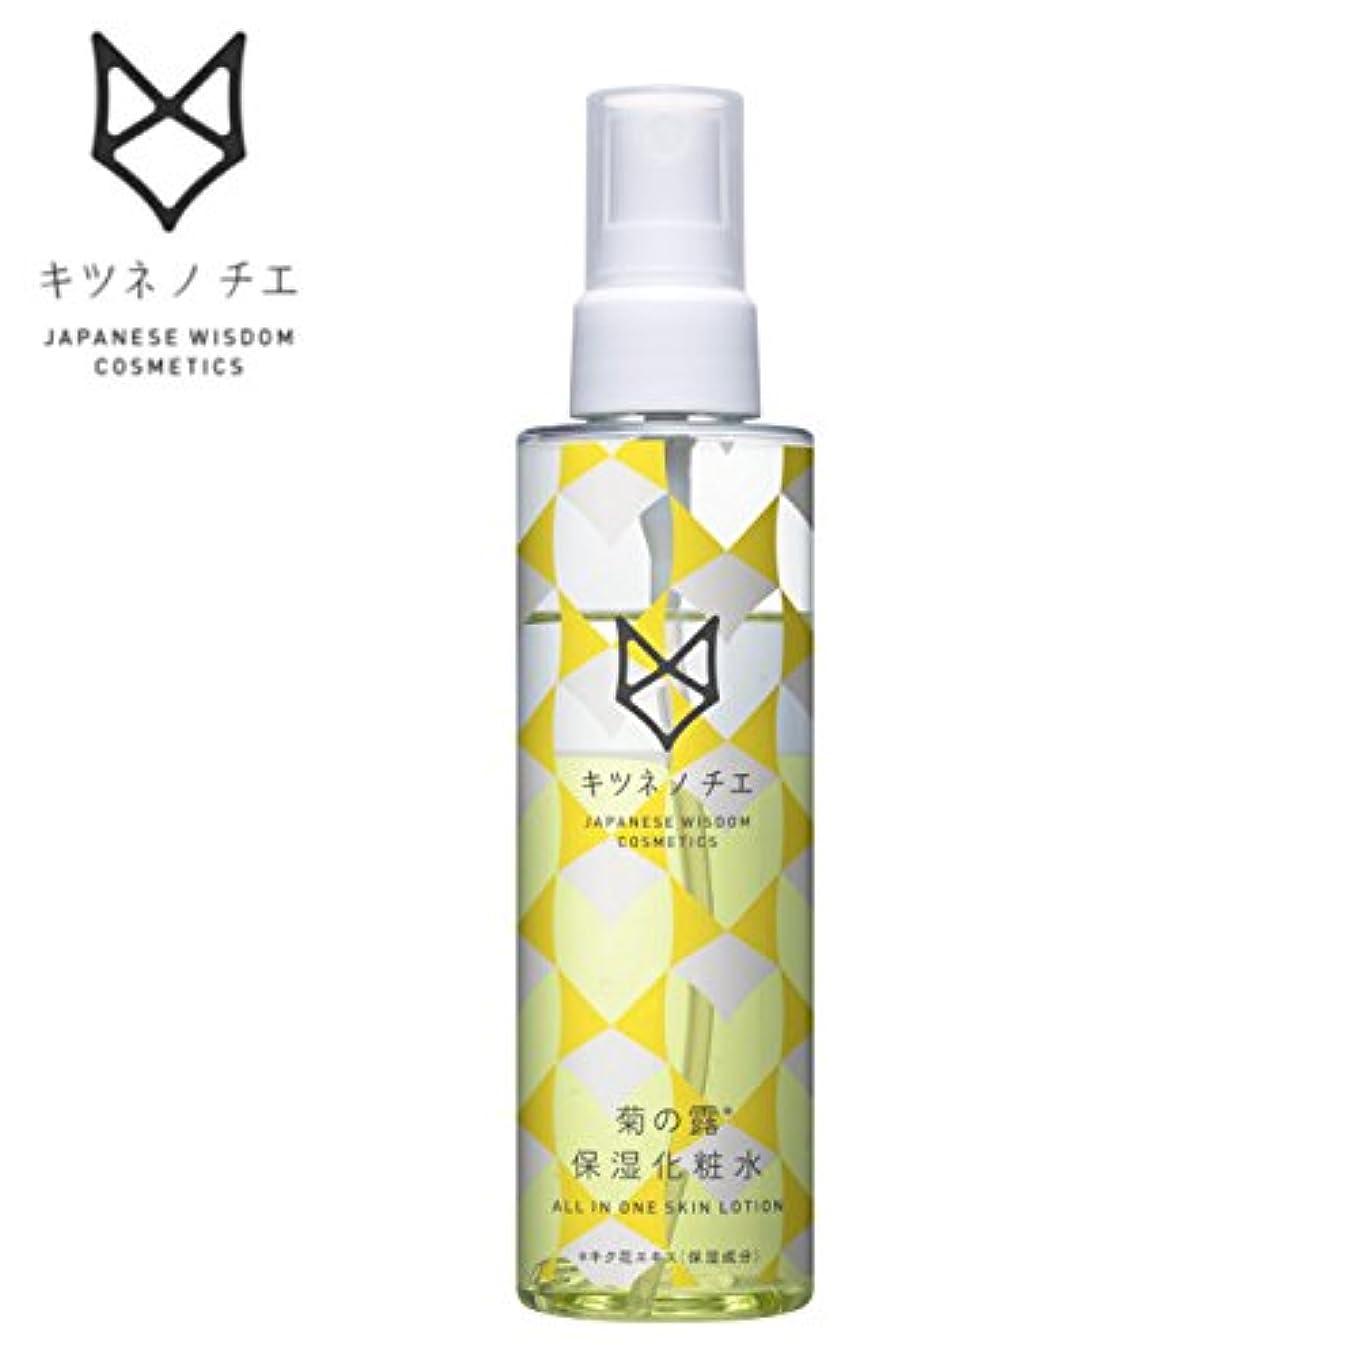 背骨マザーランドスクリューキツネノチエ 菊の露 保湿化粧水 W44xD44xH172mm